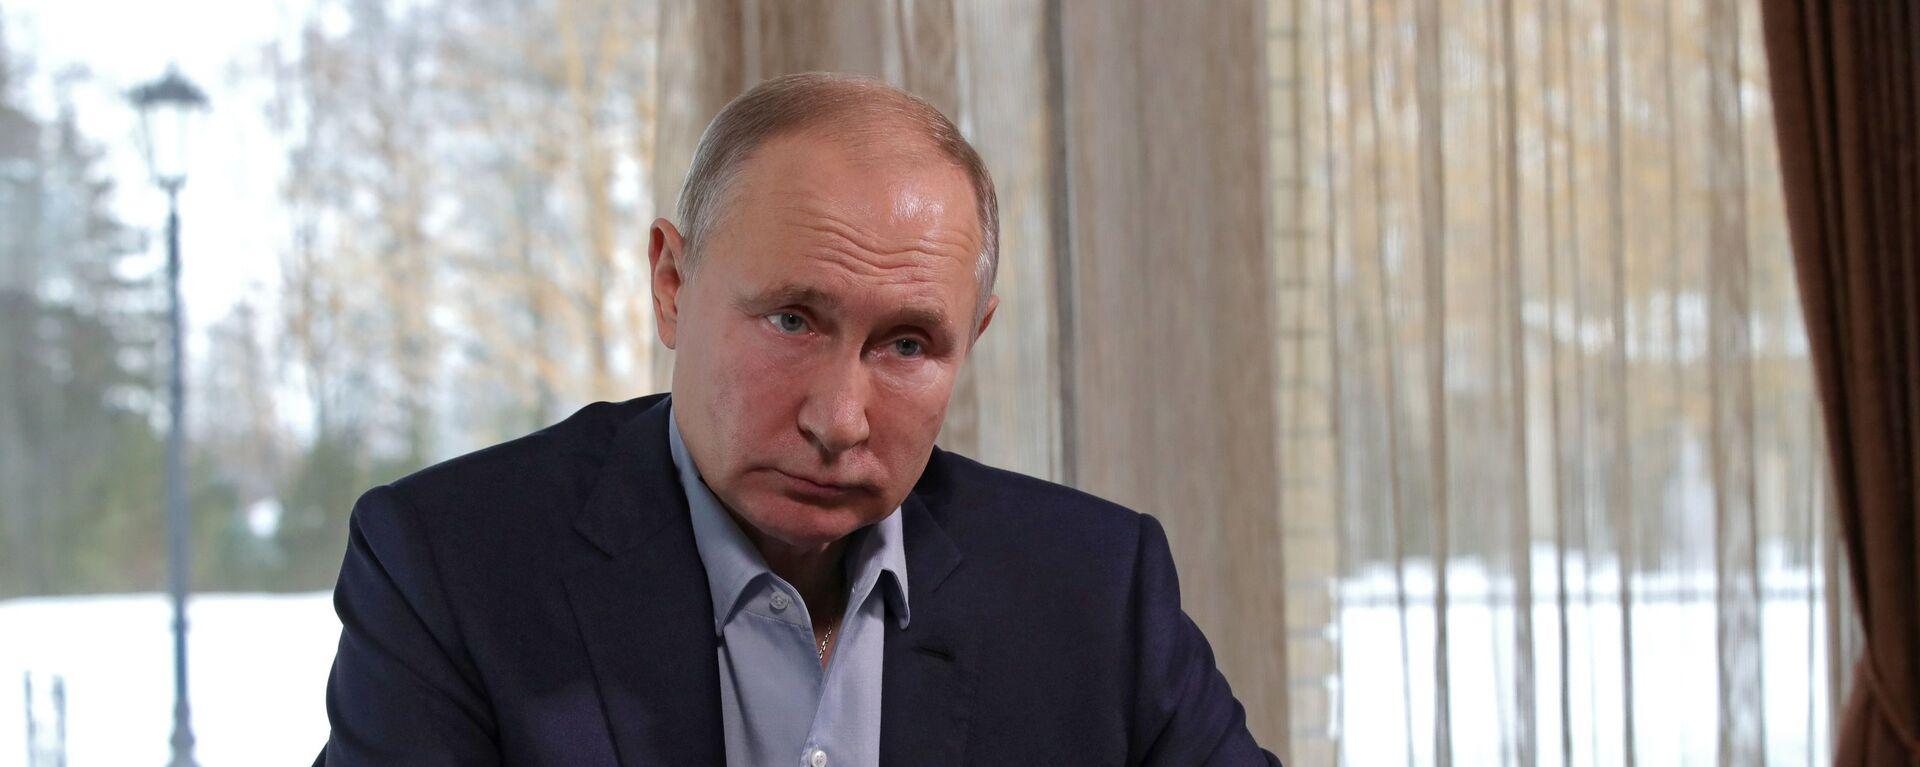 Ruský prezident Vladimir Putin debatuje se studenty v rámci režimu videokonference  - Sputnik Česká republika, 1920, 25.05.2021